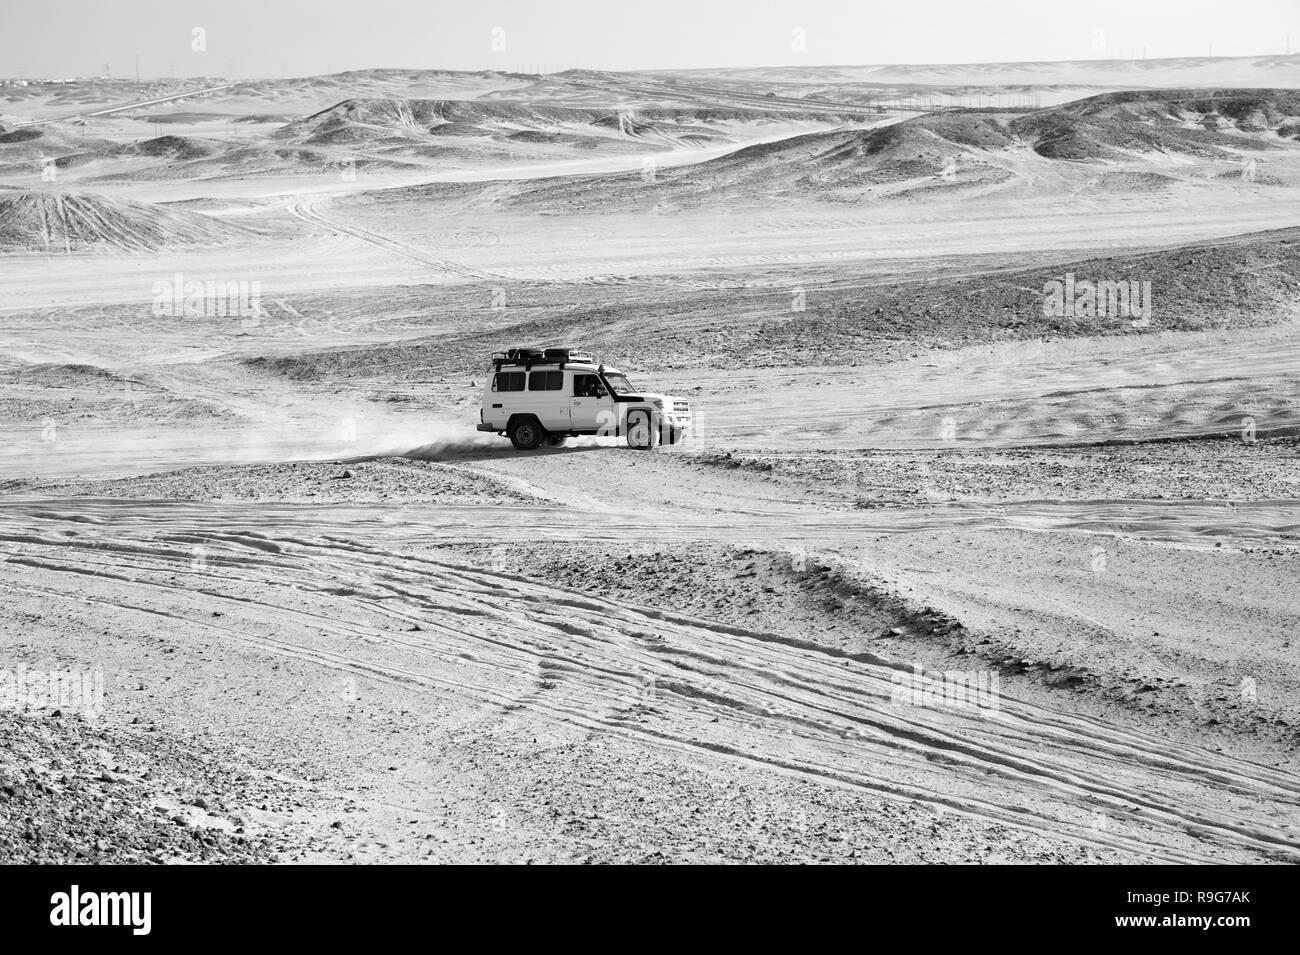 Carrera en un desierto de arena. Alquiler suv supera los obstáculos de las dunas de arena. Competiciones desafío desierto. Coche offroad con nubes de polvo. Vehículo offroad racing con obstáculos en el desierto. Imagen De Stock